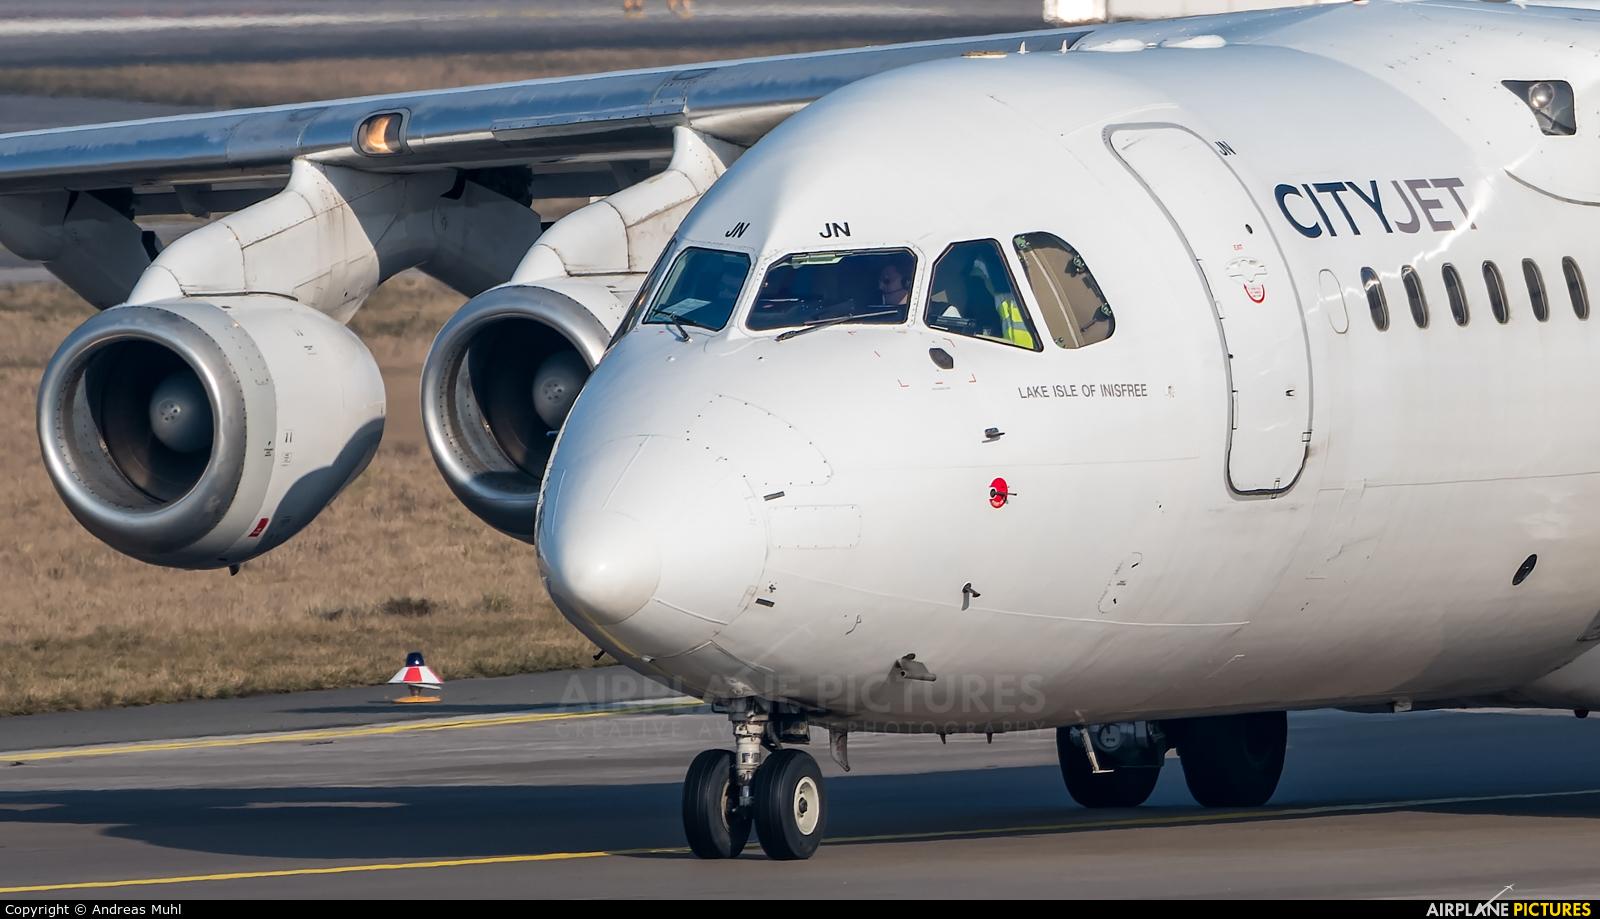 CityJet EI-RJN aircraft at Frankfurt